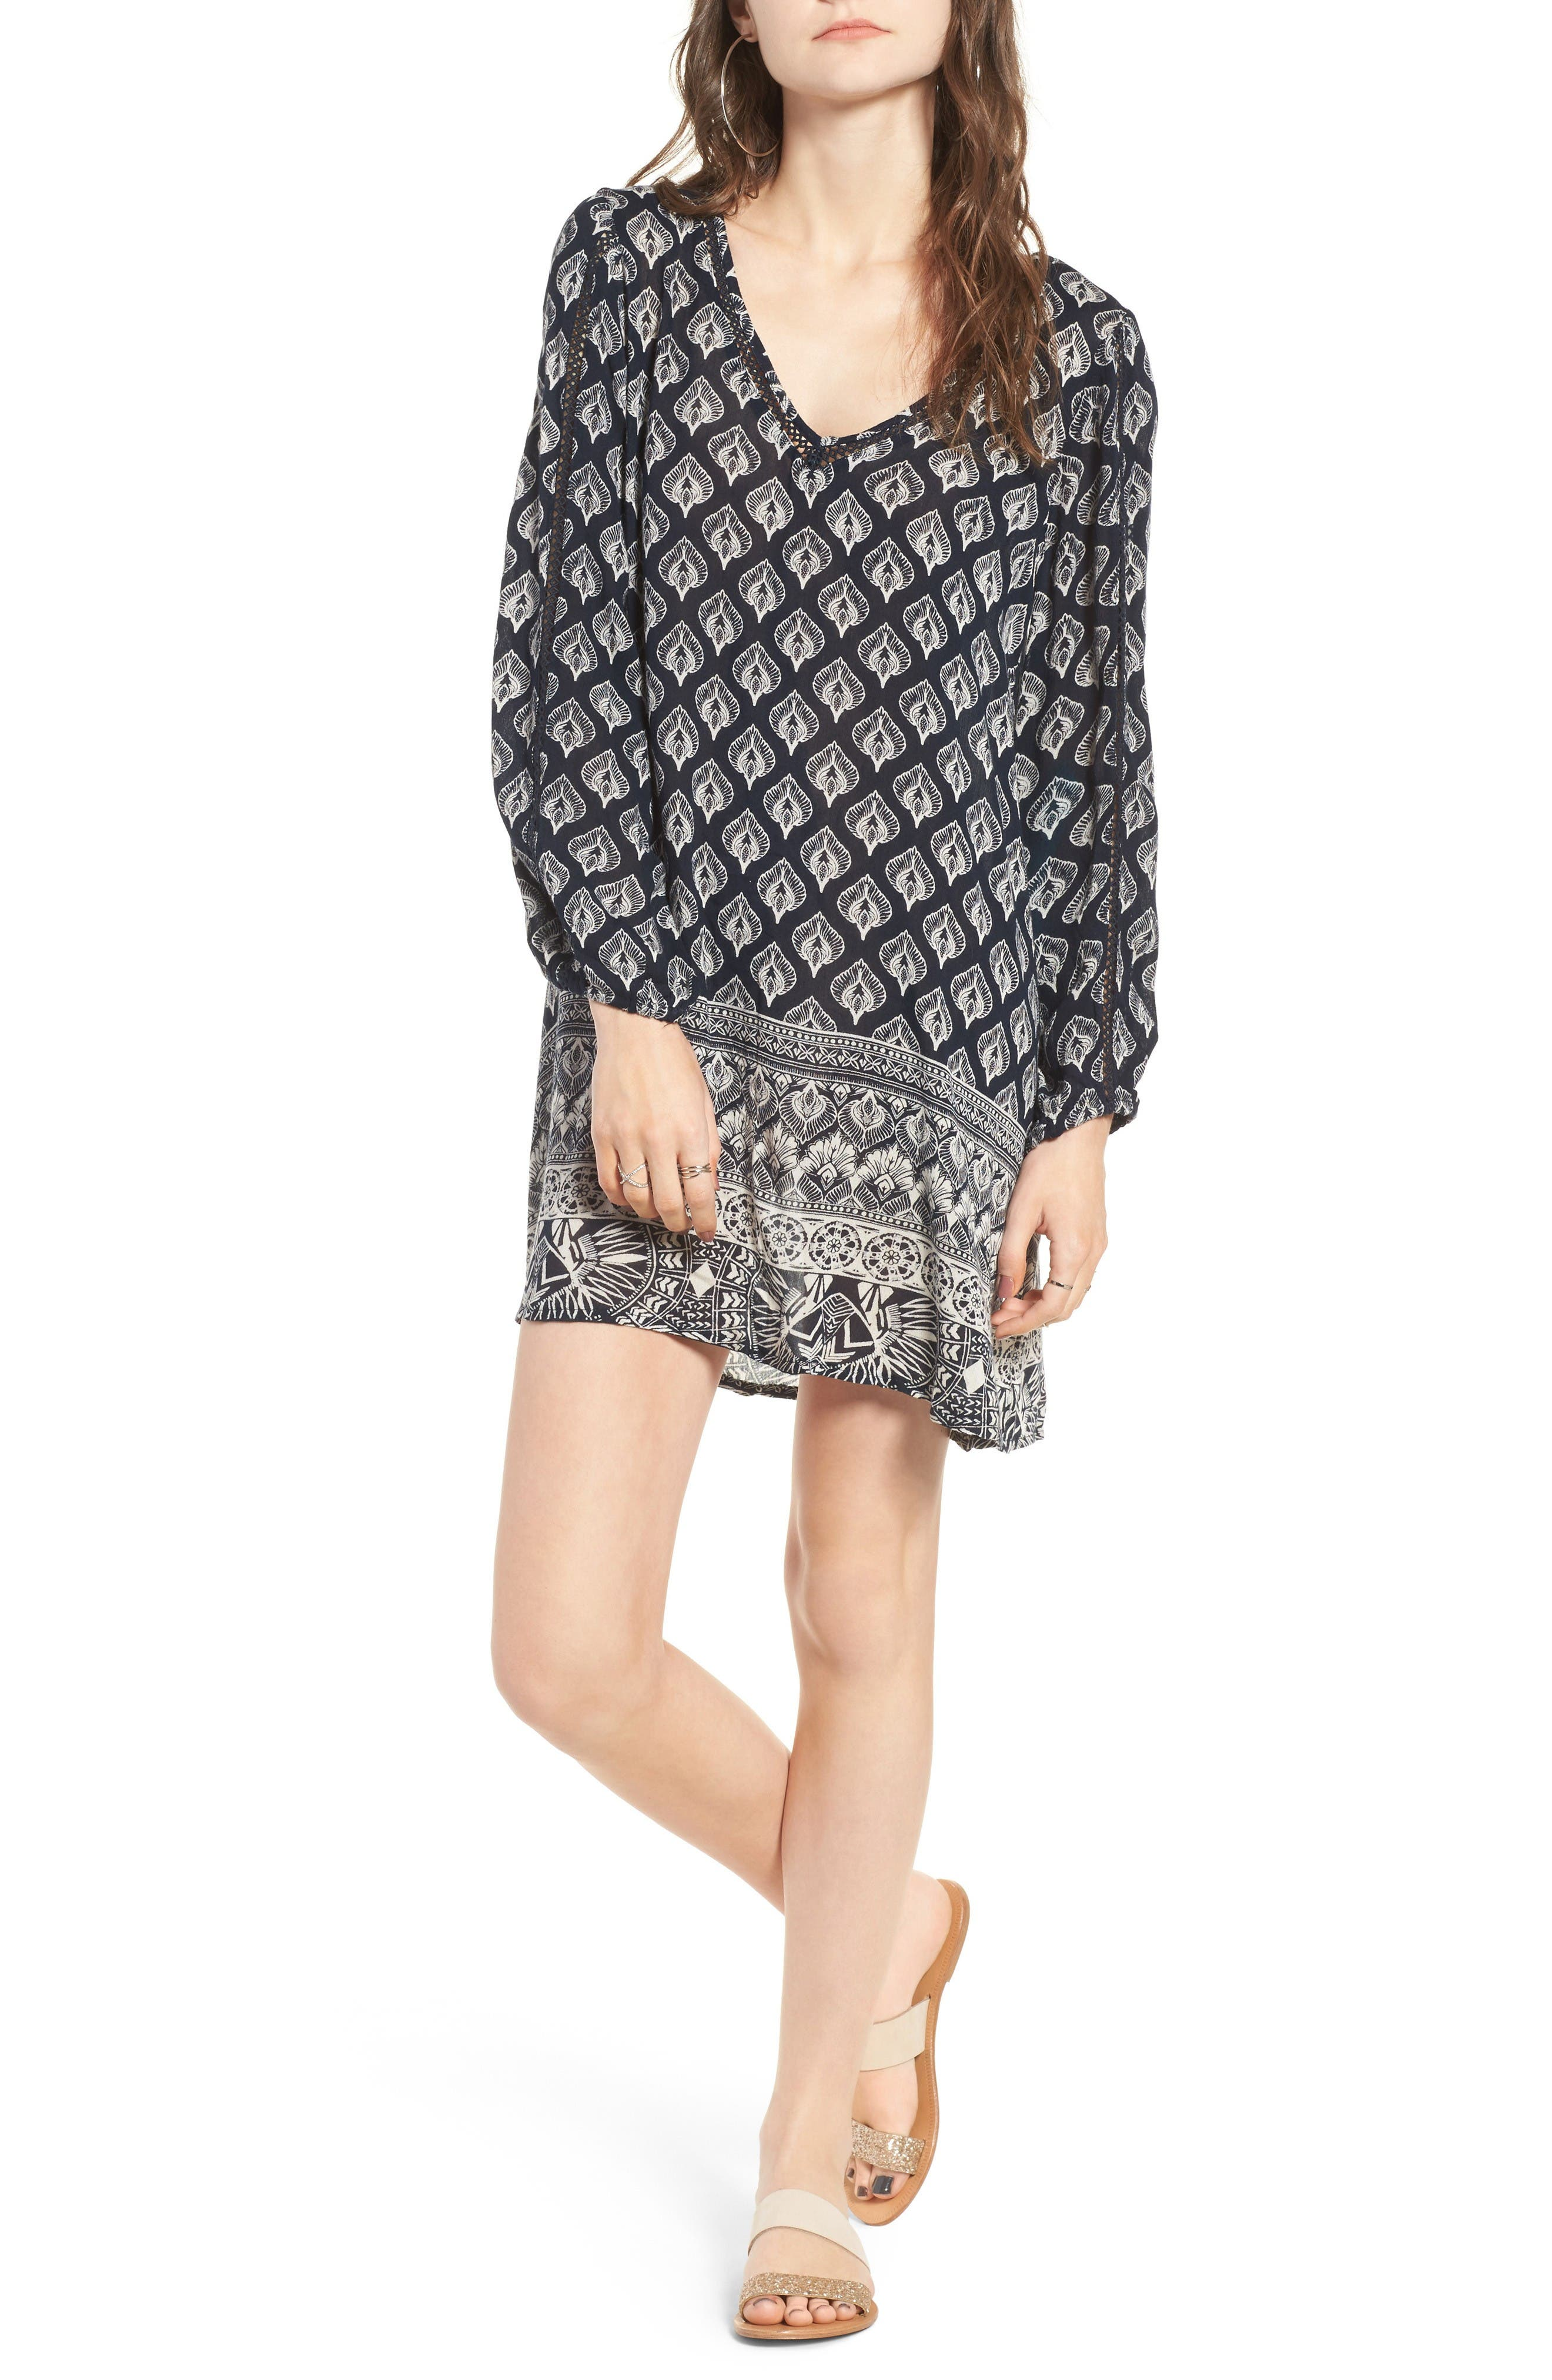 Roxy Havana Print Dress